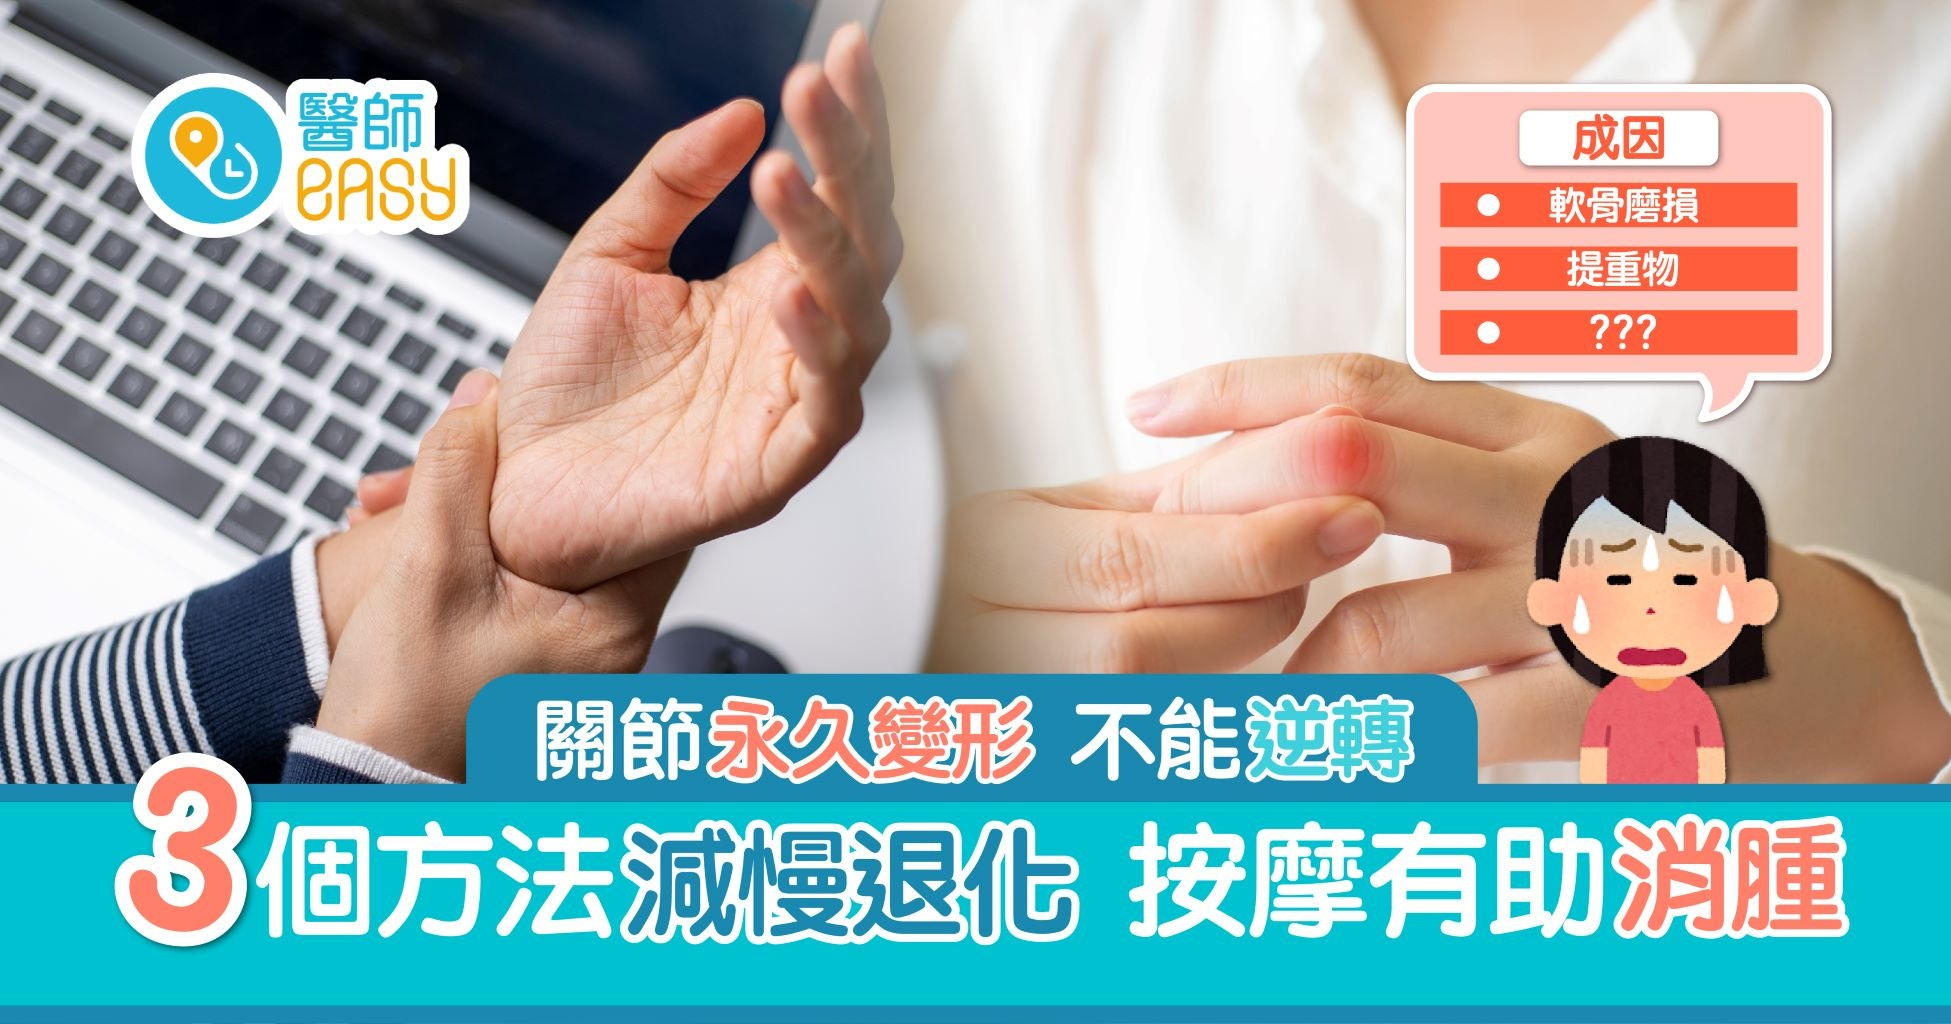 手部關節退化│長期重複單一動作易致勞損 專科醫生教舒緩秘招